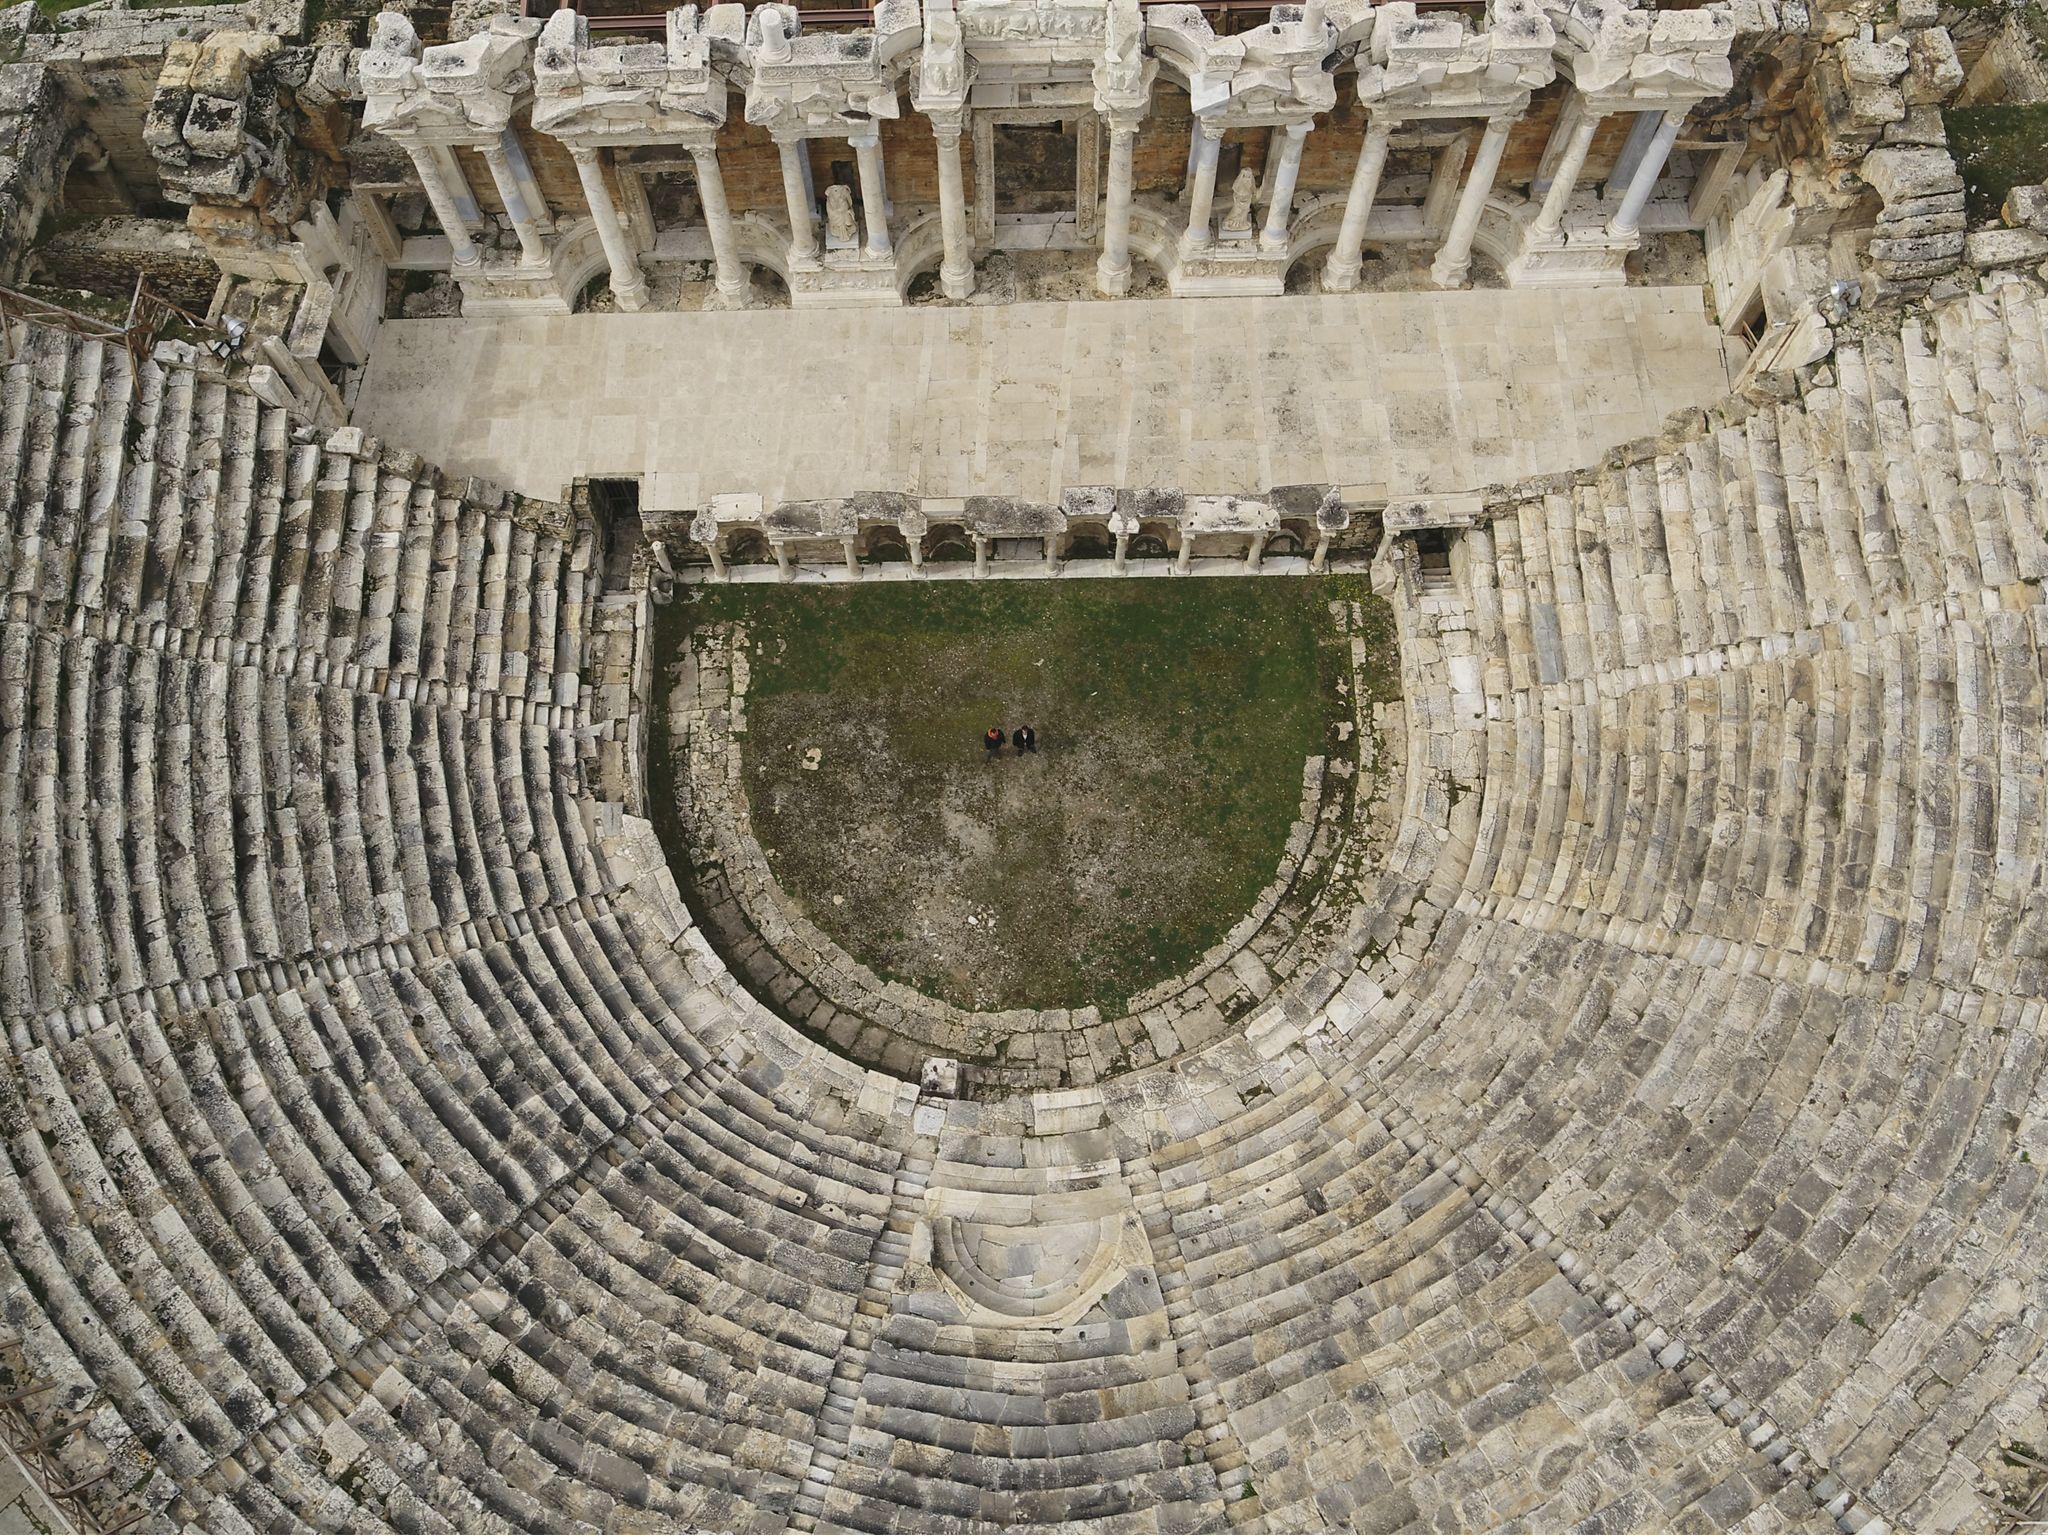 مسرح هيرابوليس الروماني. هذه الصورة من برنامج أوروبا... [Photo of the day - فبراير 2021]